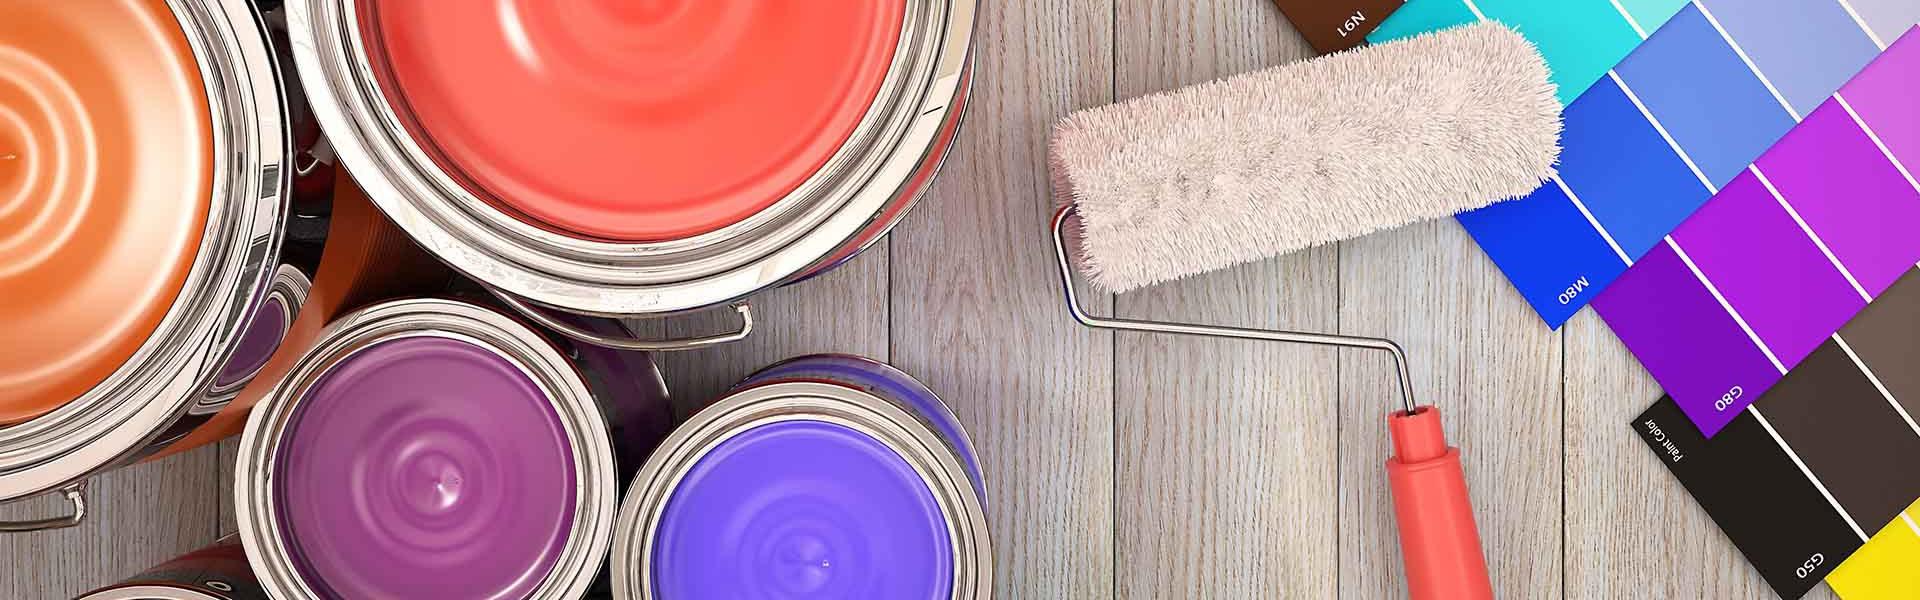 I servizi e prodotti del Colorificio Pramar | Casale Monferrato (AL)